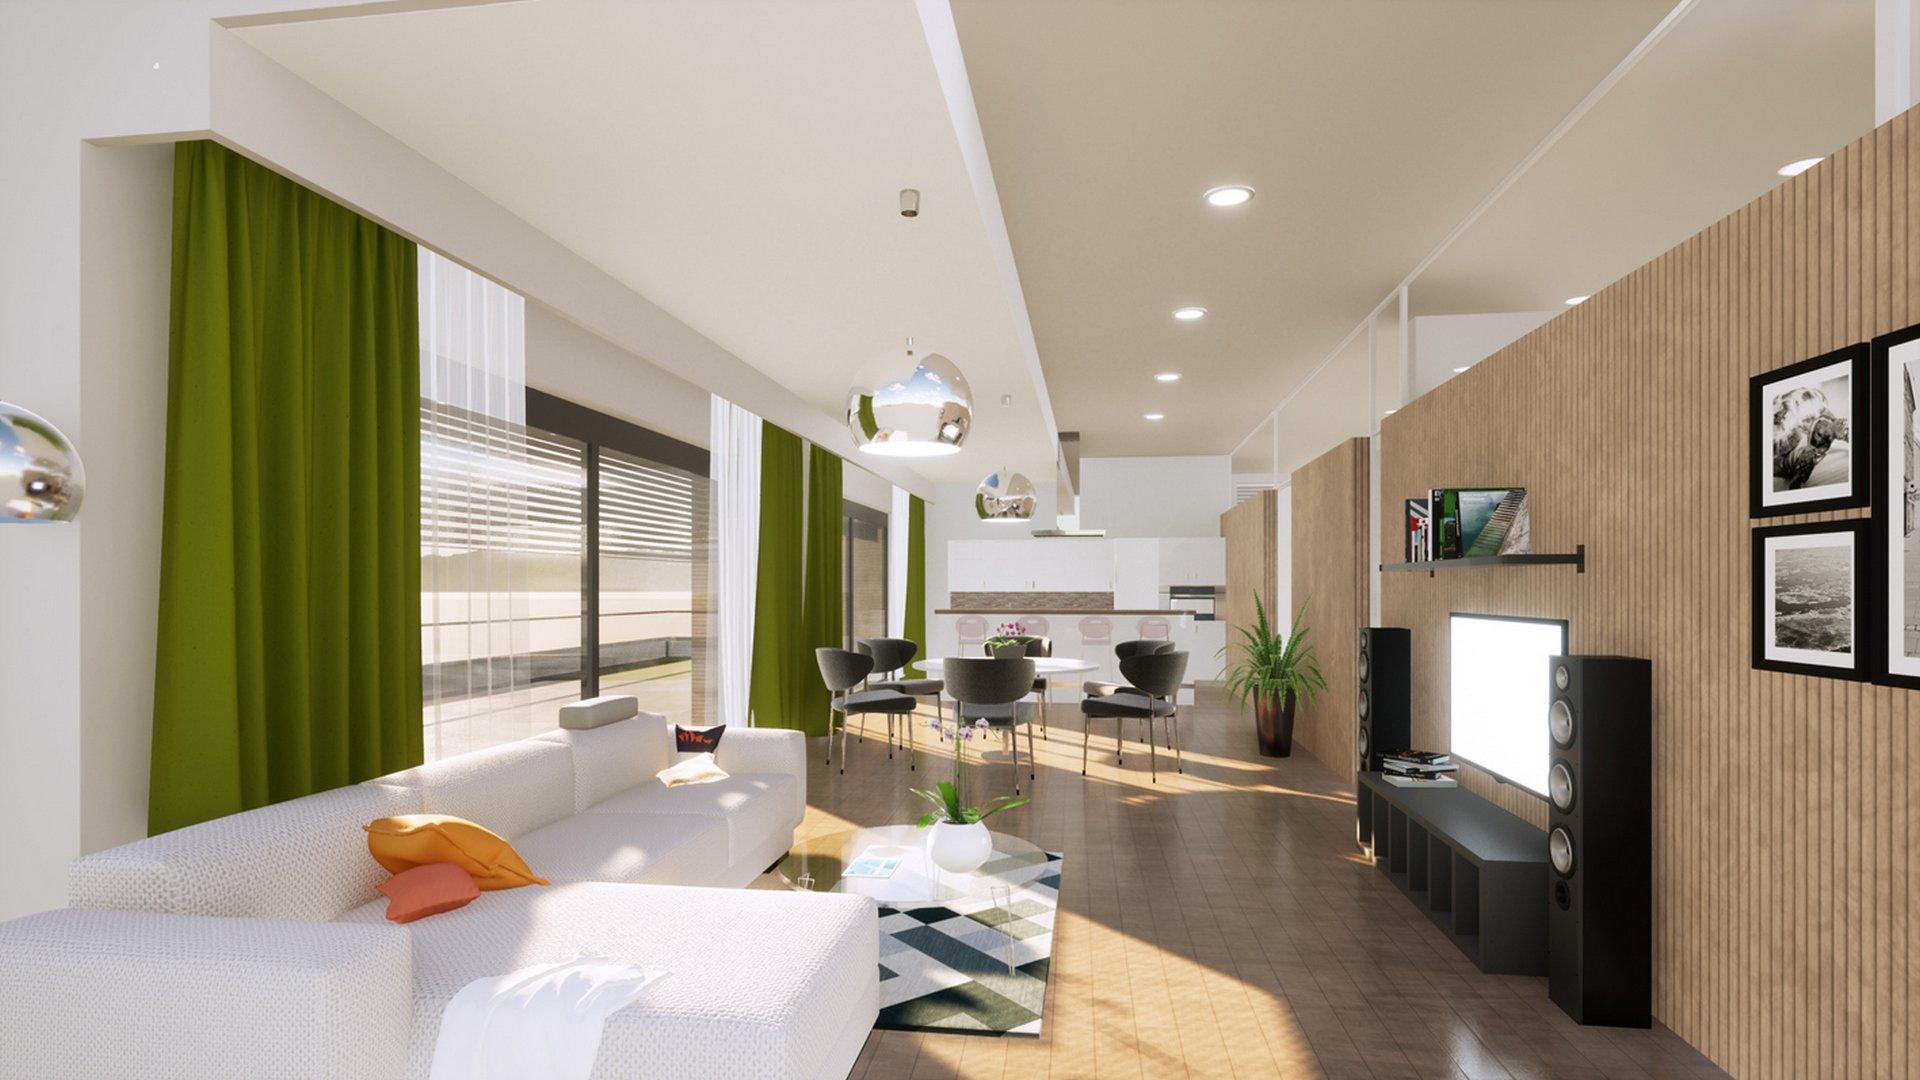 Handwerkerhof Neuhimmelreich - Ideenskizze Innenraumgestaltung